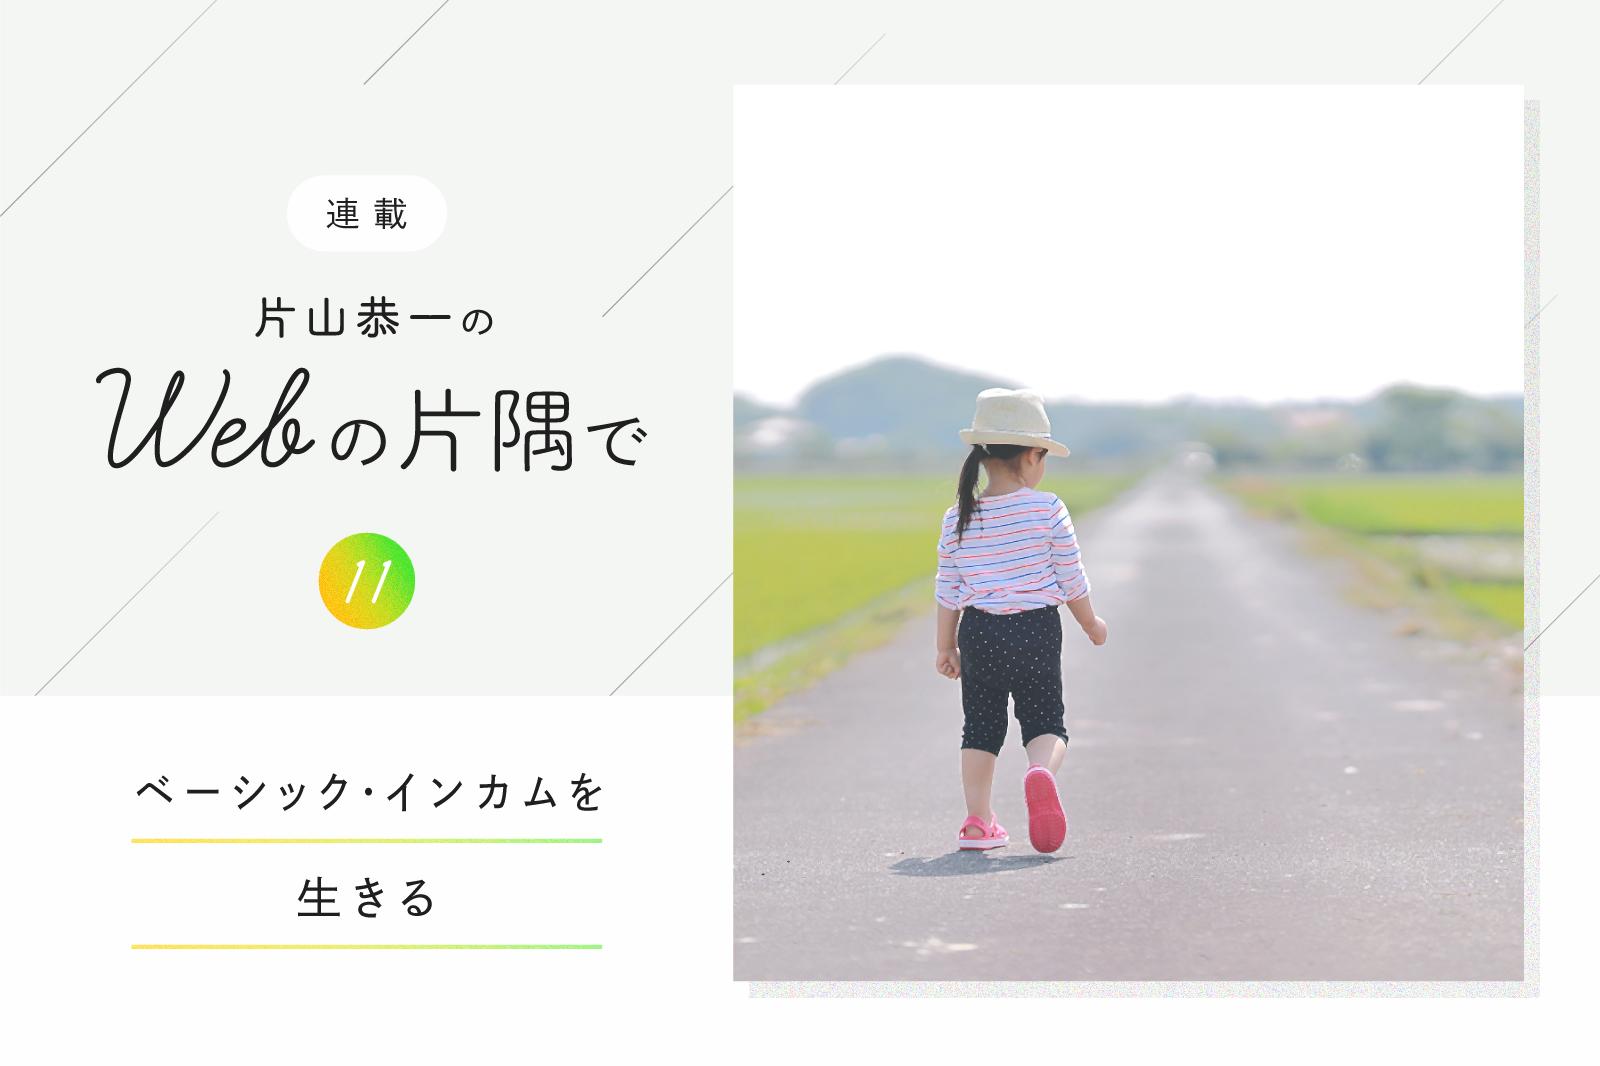 竹中平蔵氏が提案のベーシックインカムが少子化対策になる理由